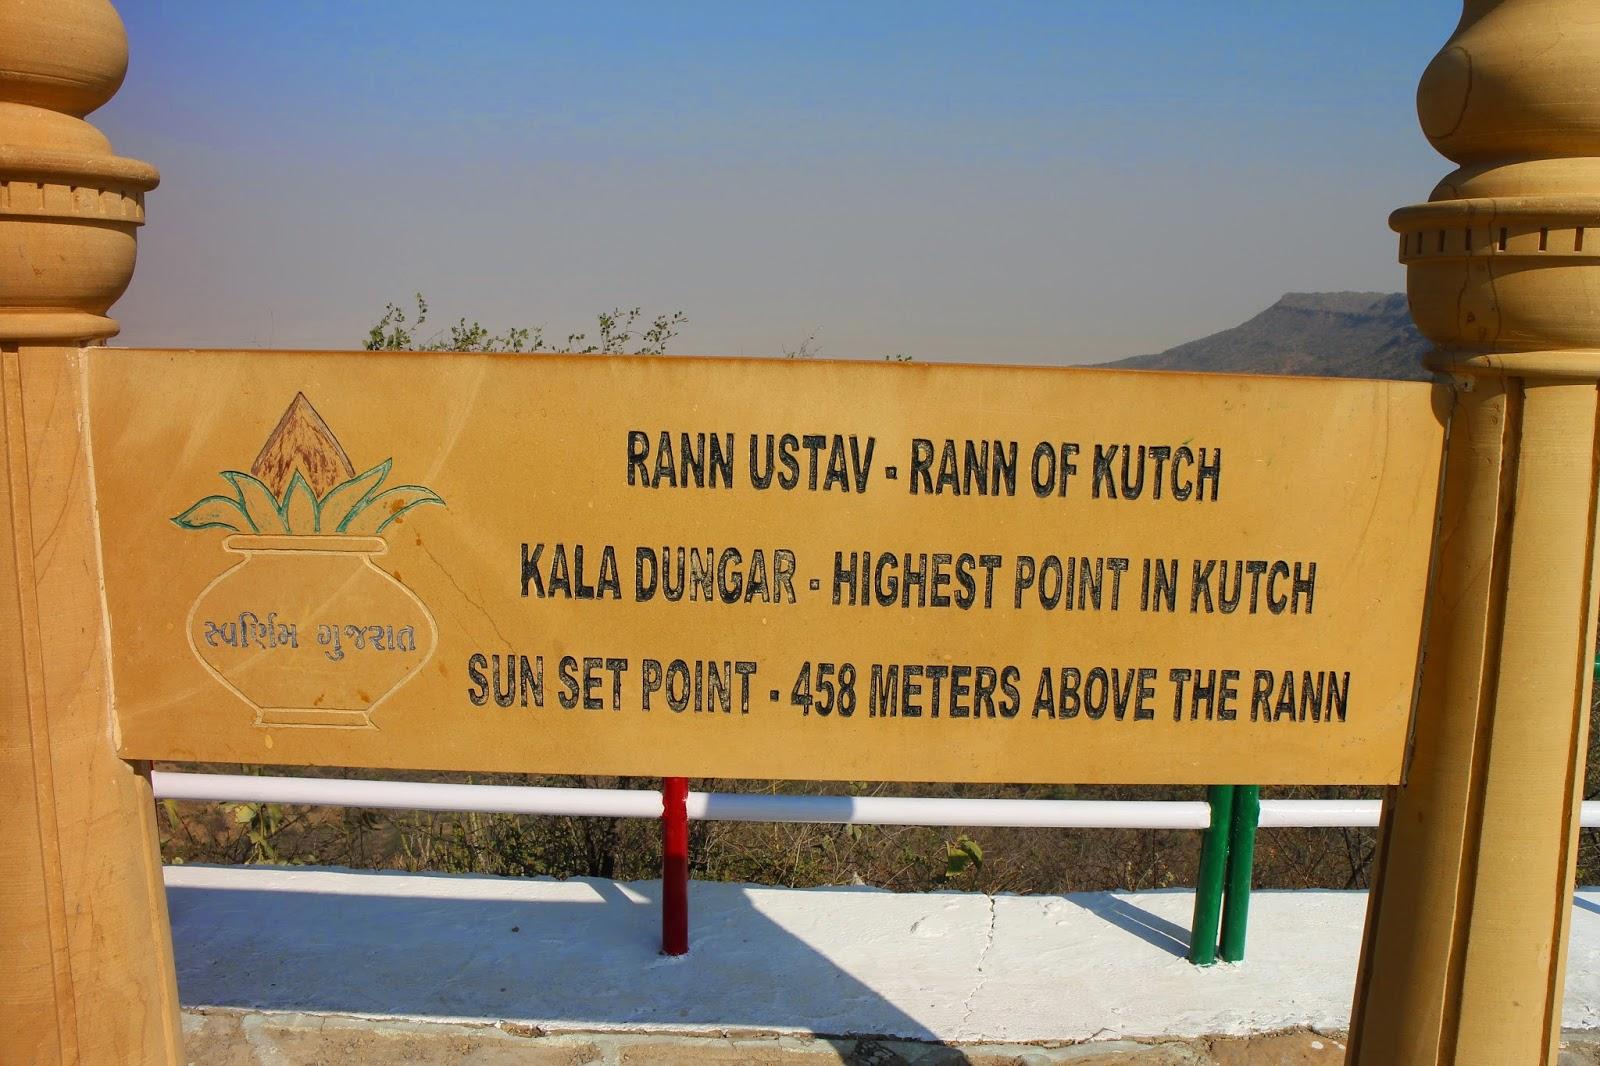 Kala Dungar, Rann of Kutch, Kutch, Kalo Dungar, Kala Dungar